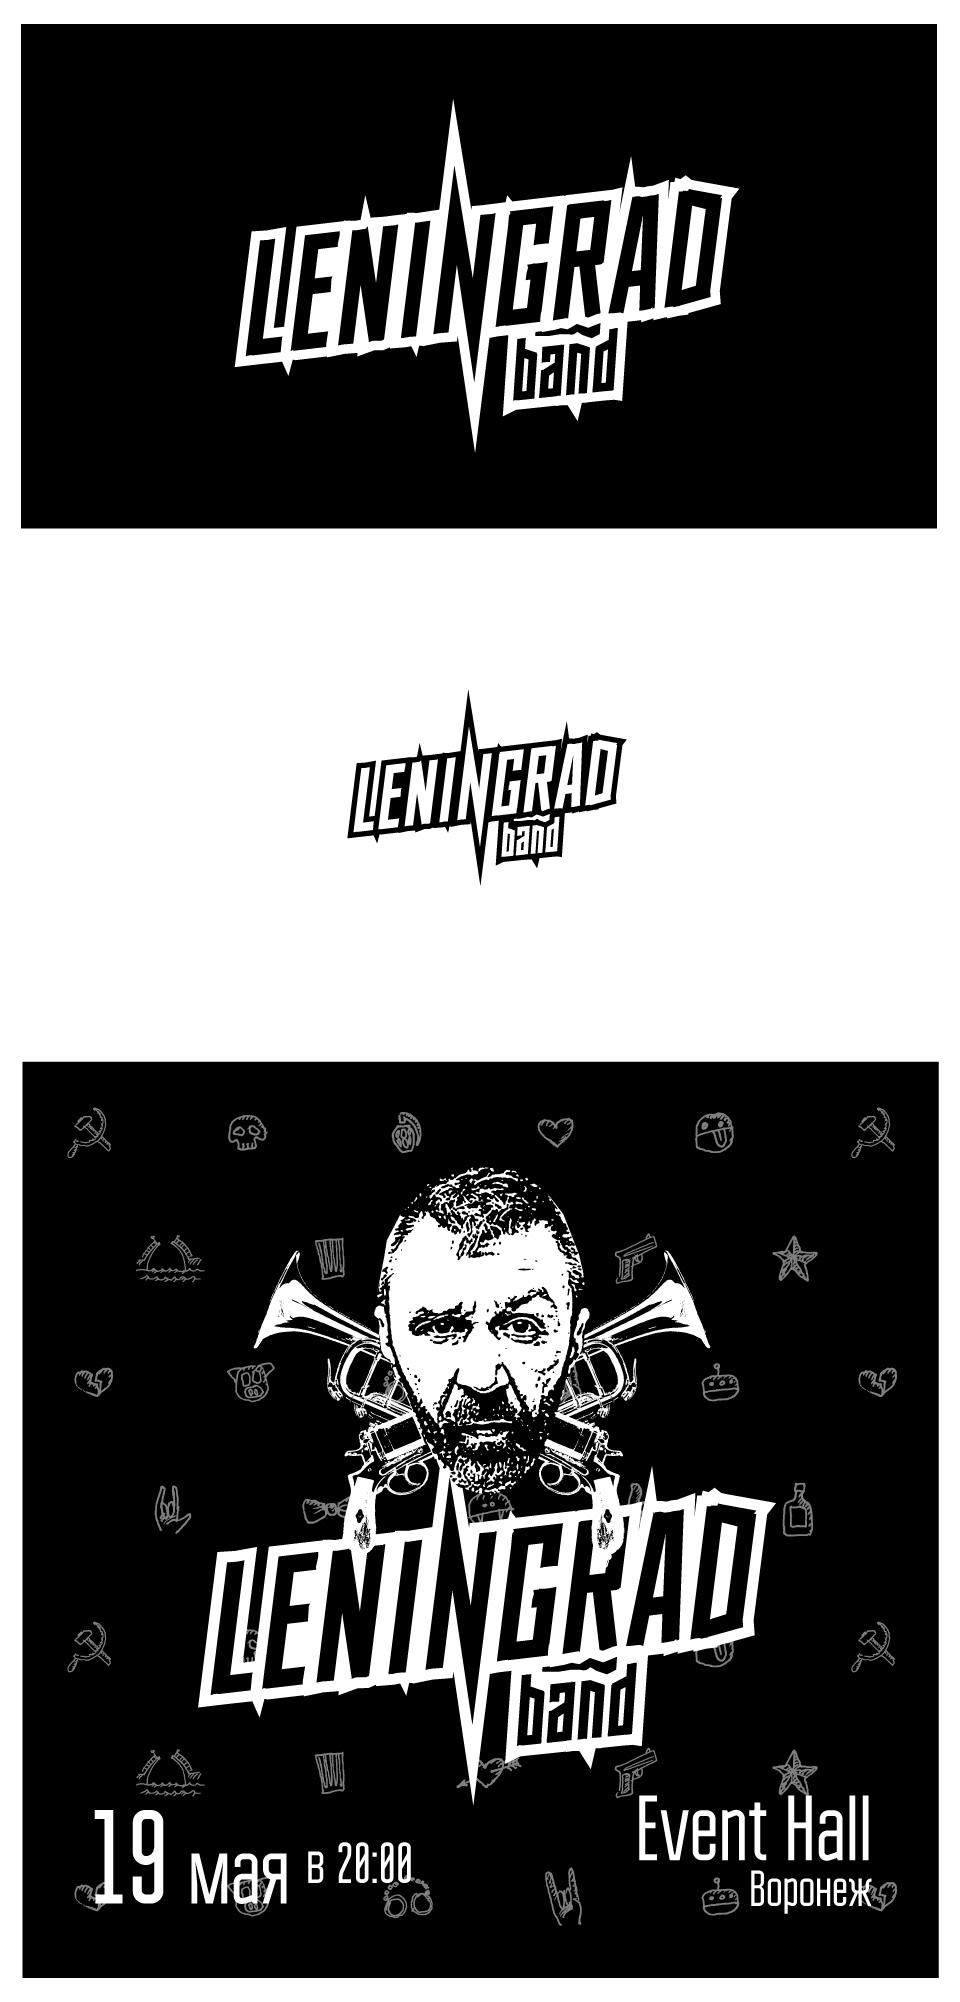 ロゴ, コーポレートアイデンティティ, グループ, レニングラード, セルゲイ, コード